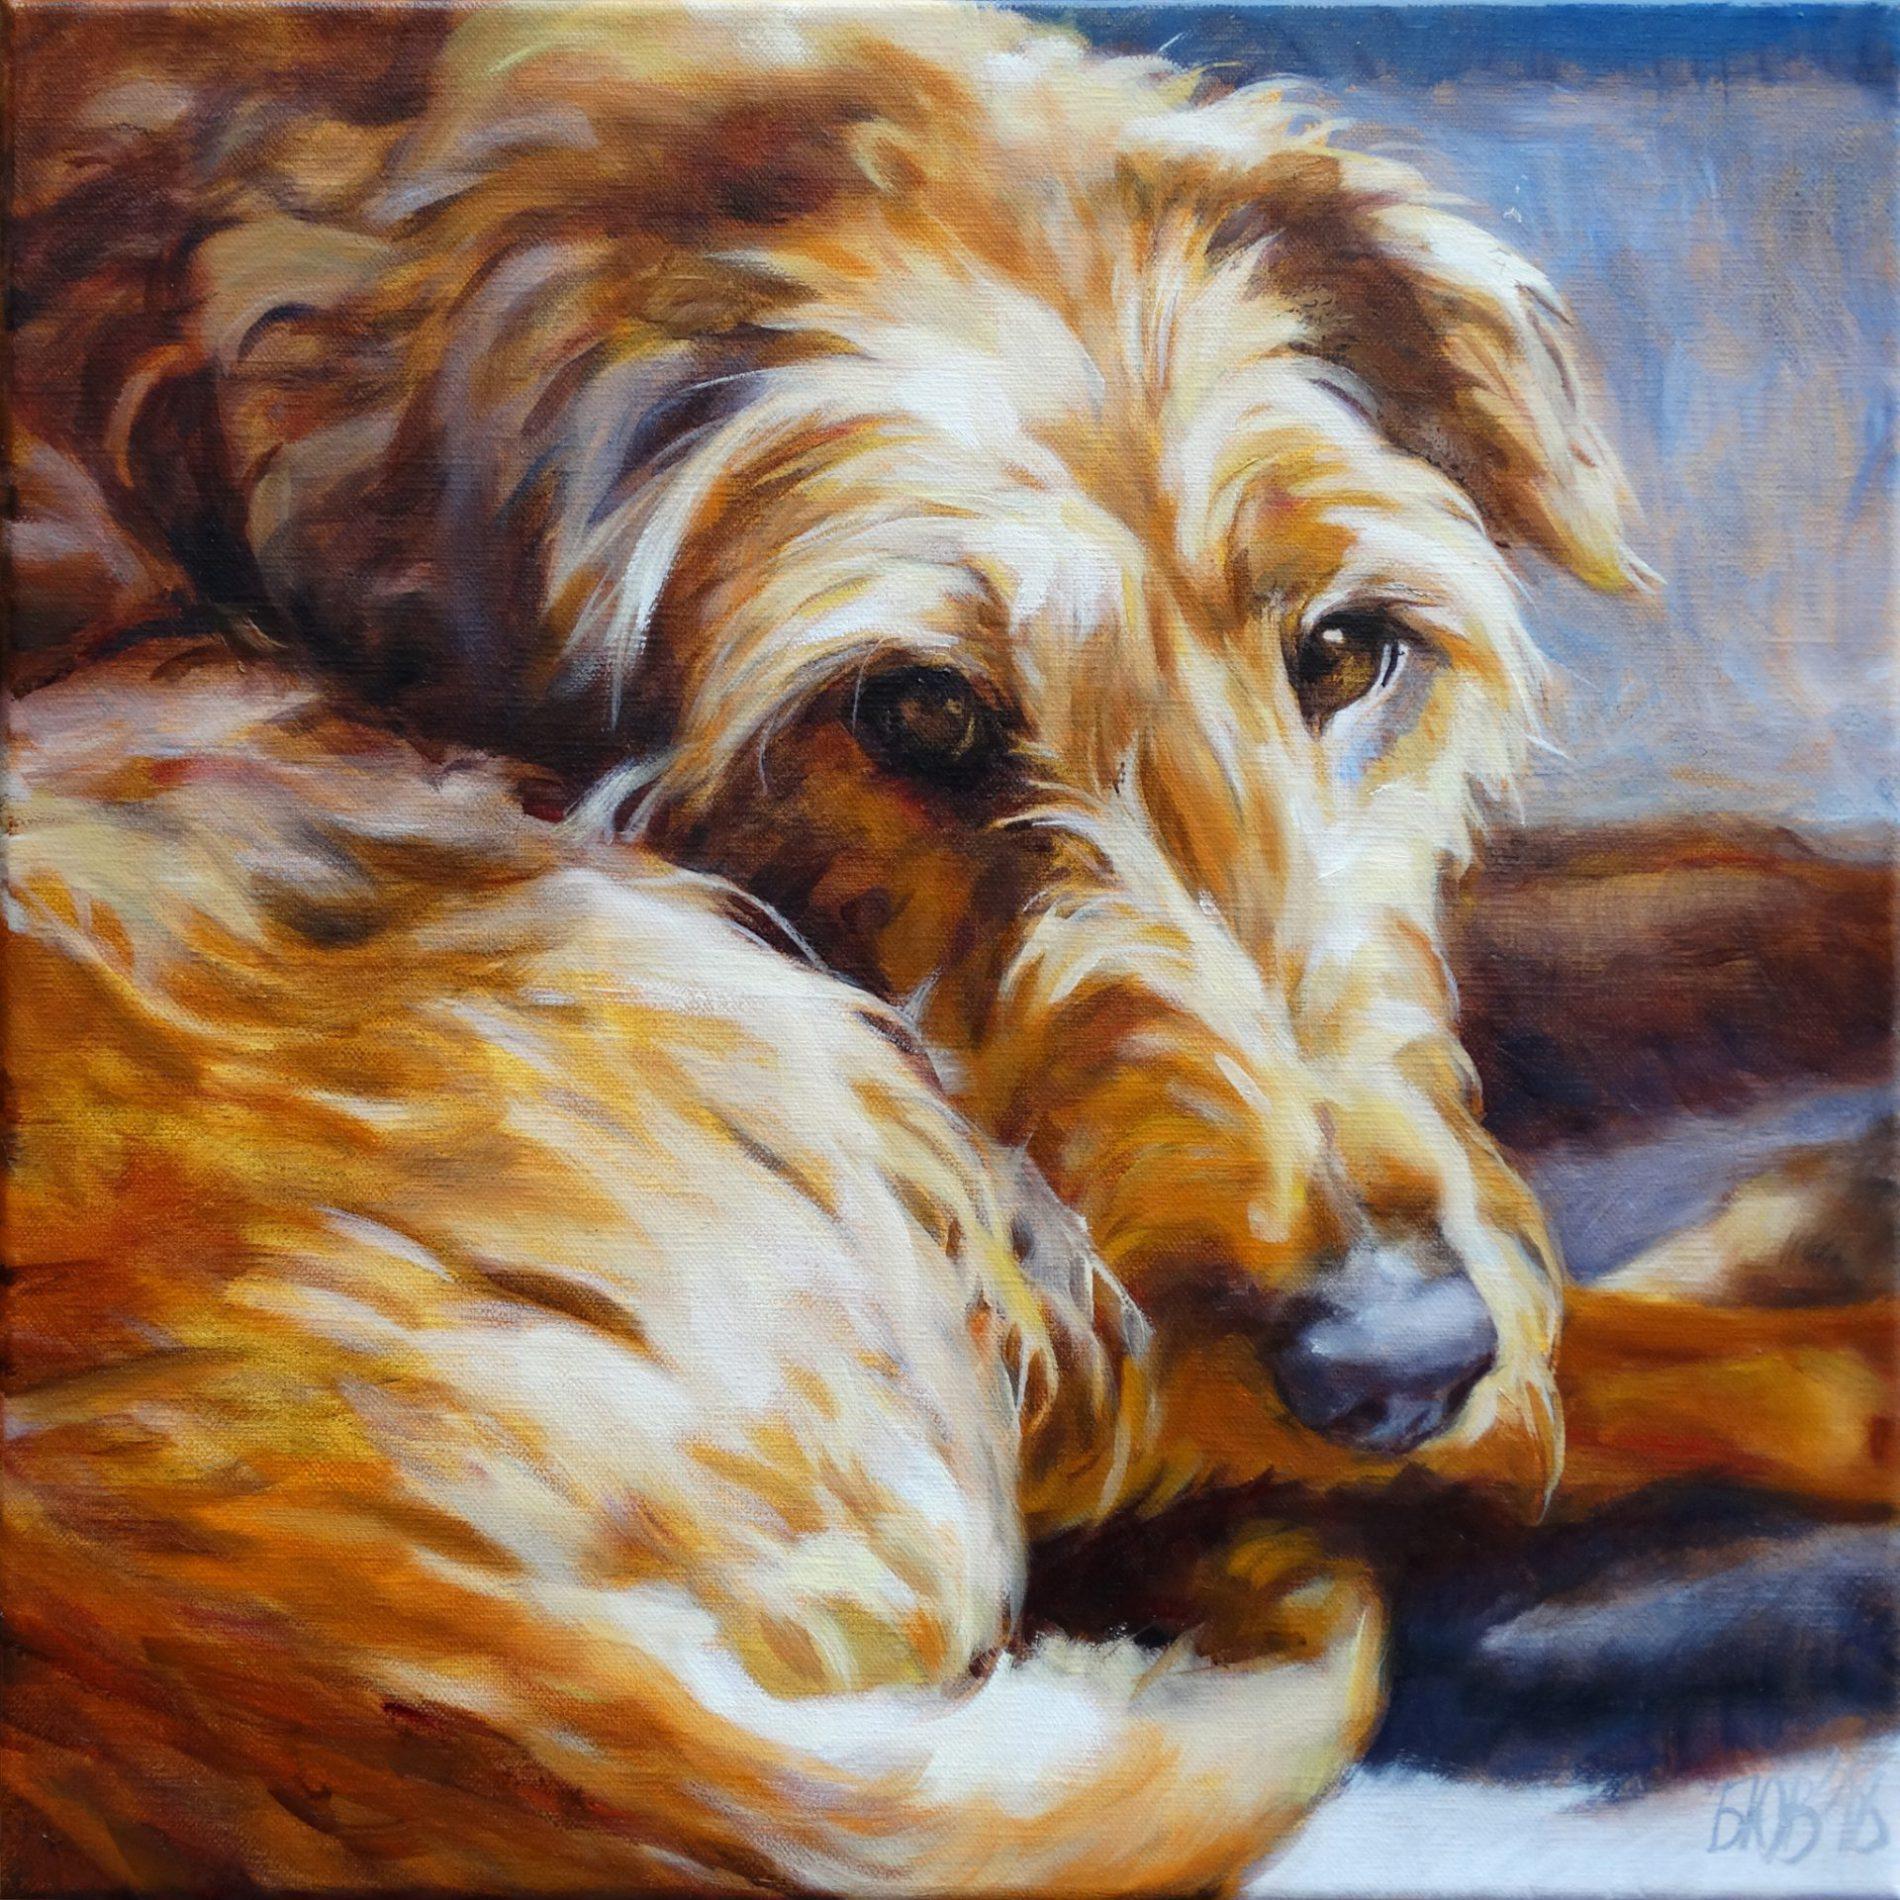 Gemälde von Julia Belot: Tierportrait, Mary, Öl auf Leinwand, 40 cm x 40 cm, 2018